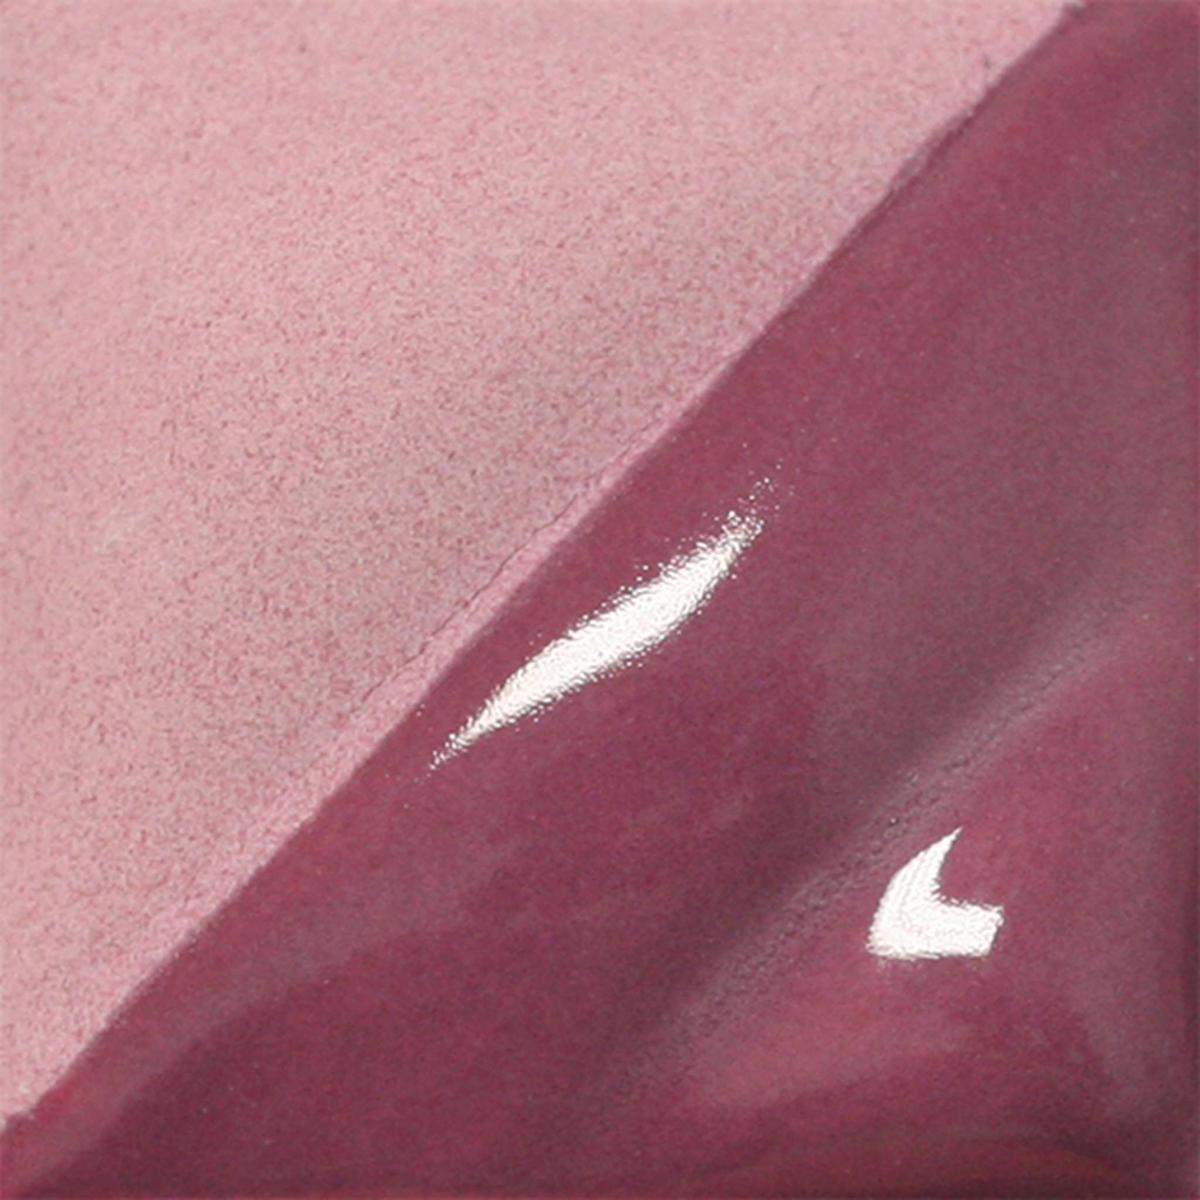 venta de esmalte para cerámica amaco velvet V-371 rosy mauve bajo esmalte